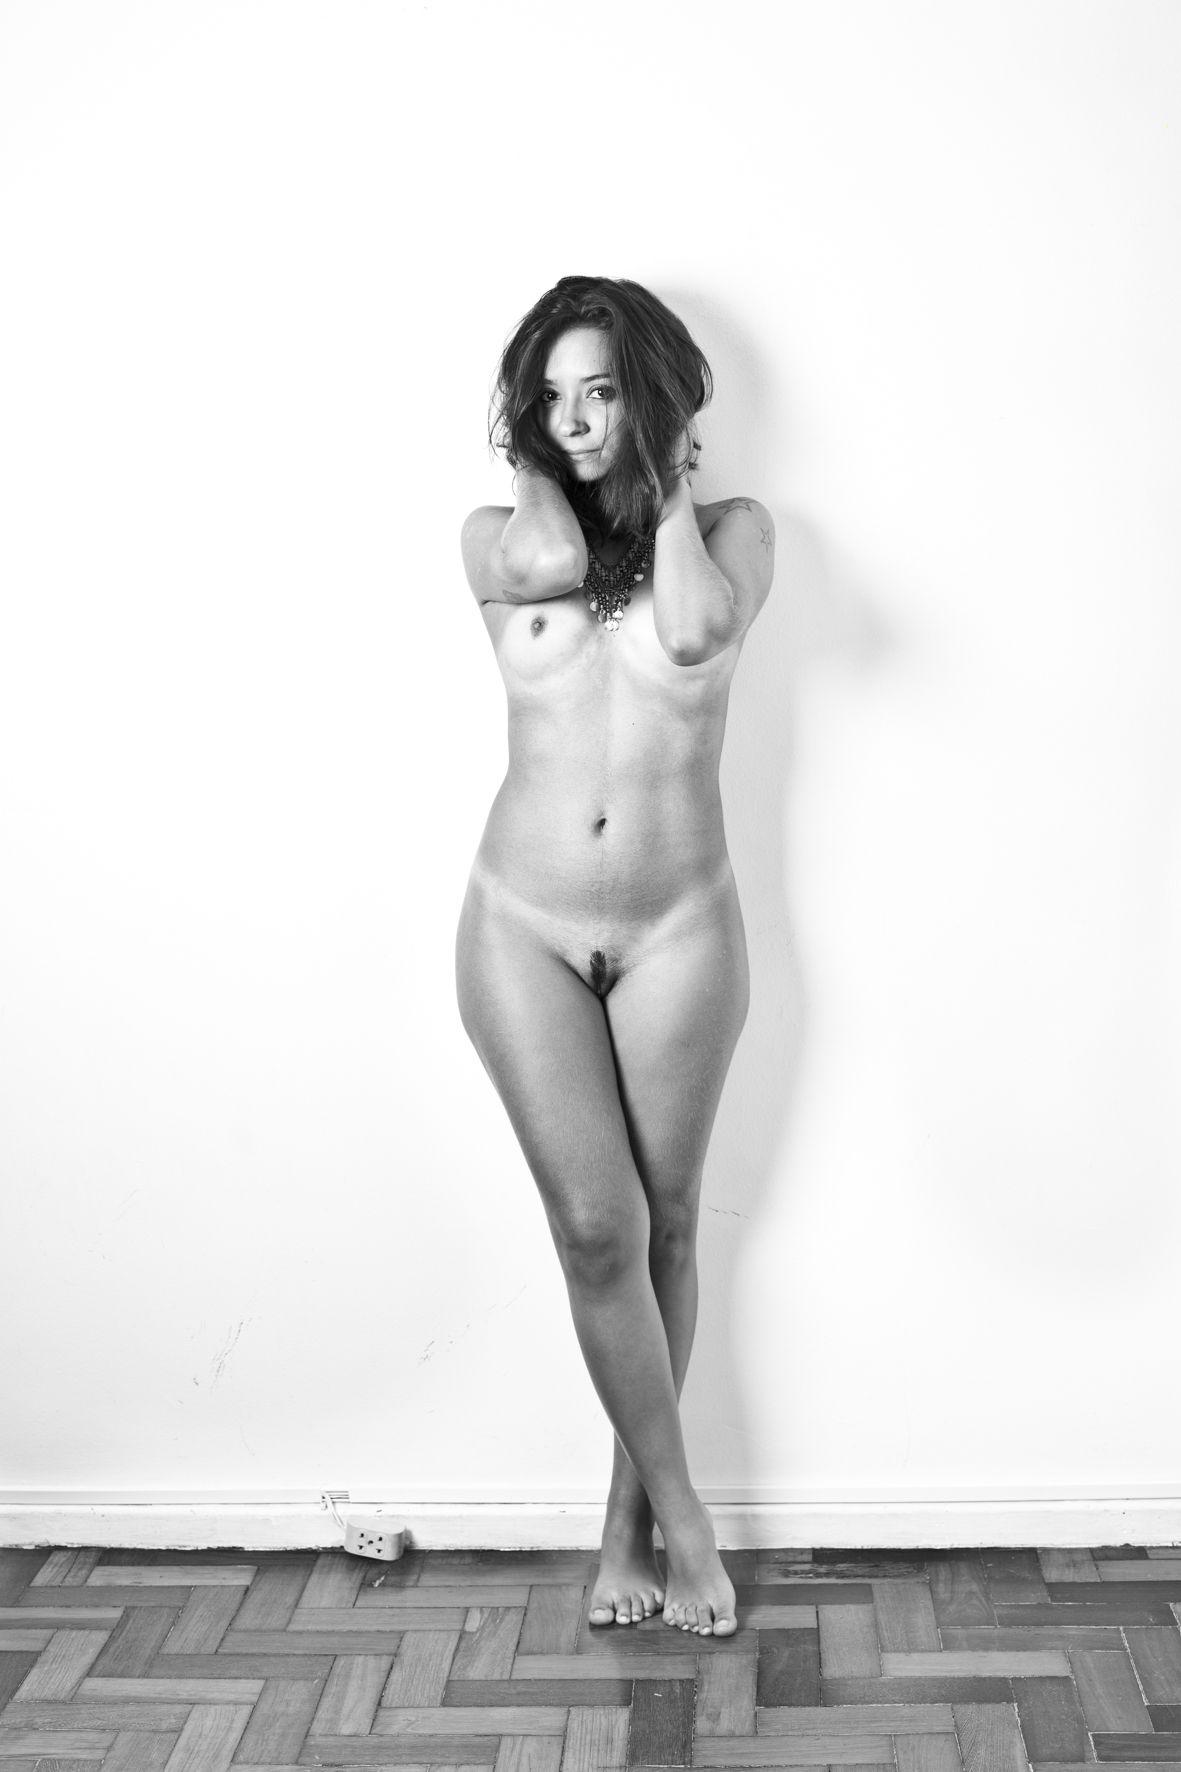 Los desnudos de Jorge Bispo  Alrinconcom